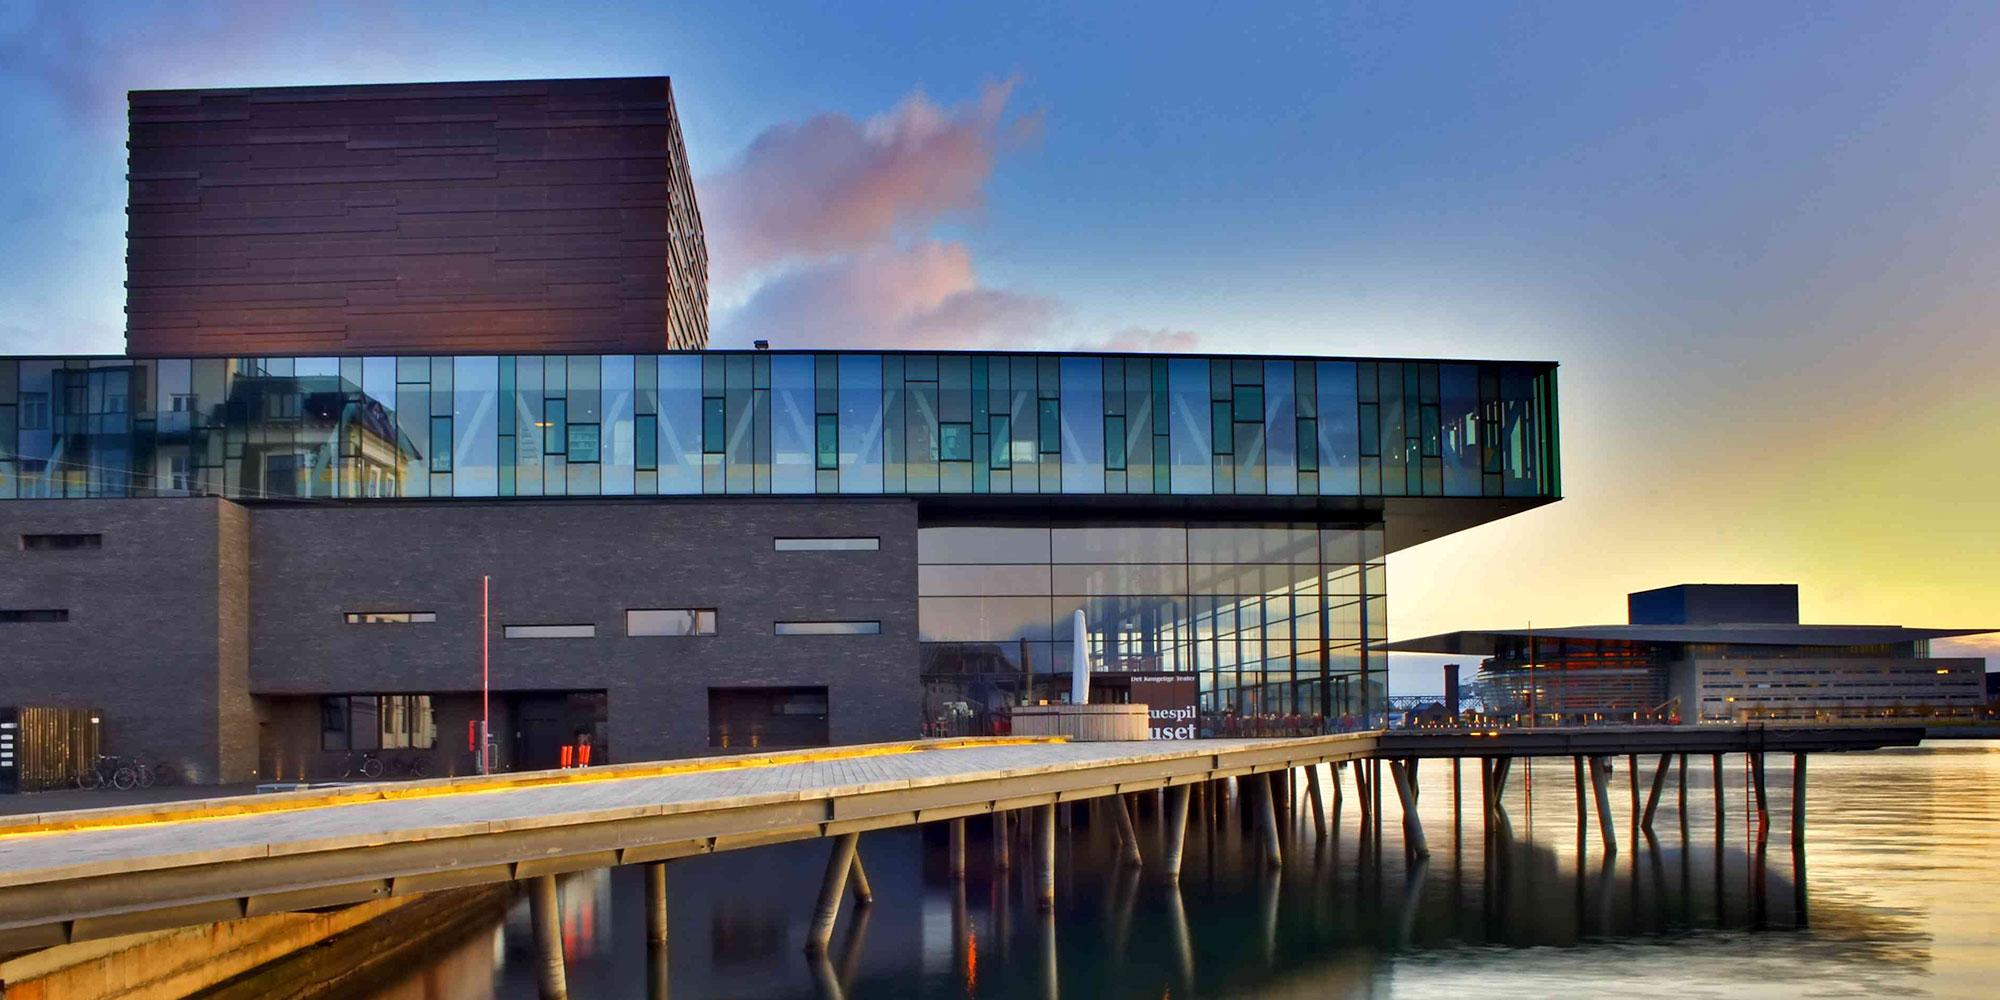 Forside arkitekter - Bygg i Tegel